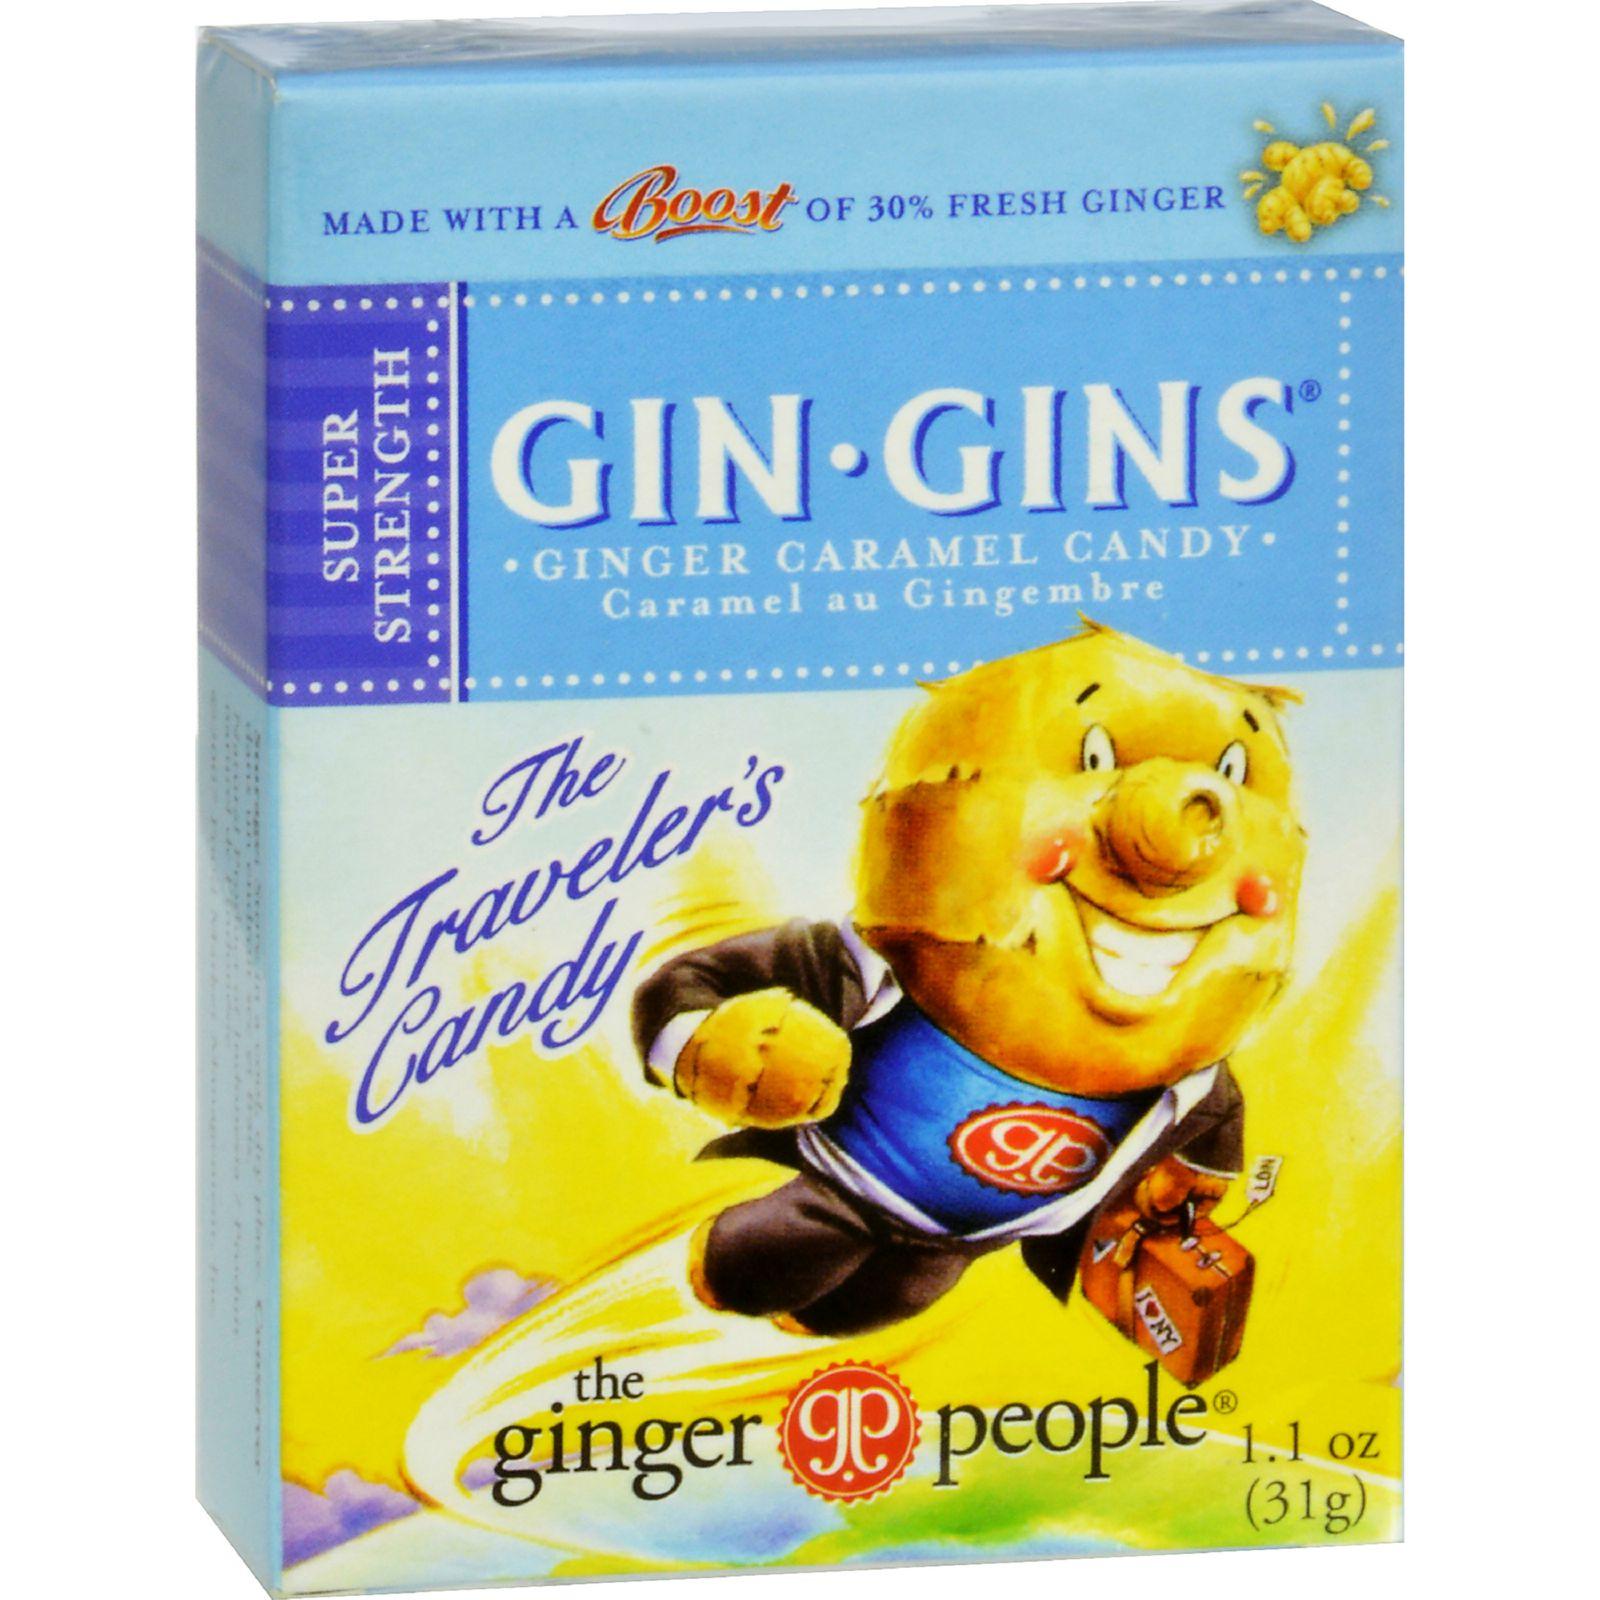 Ginger People Gin Gins Ginger Caramel Candy 1.1 oz - Vegan